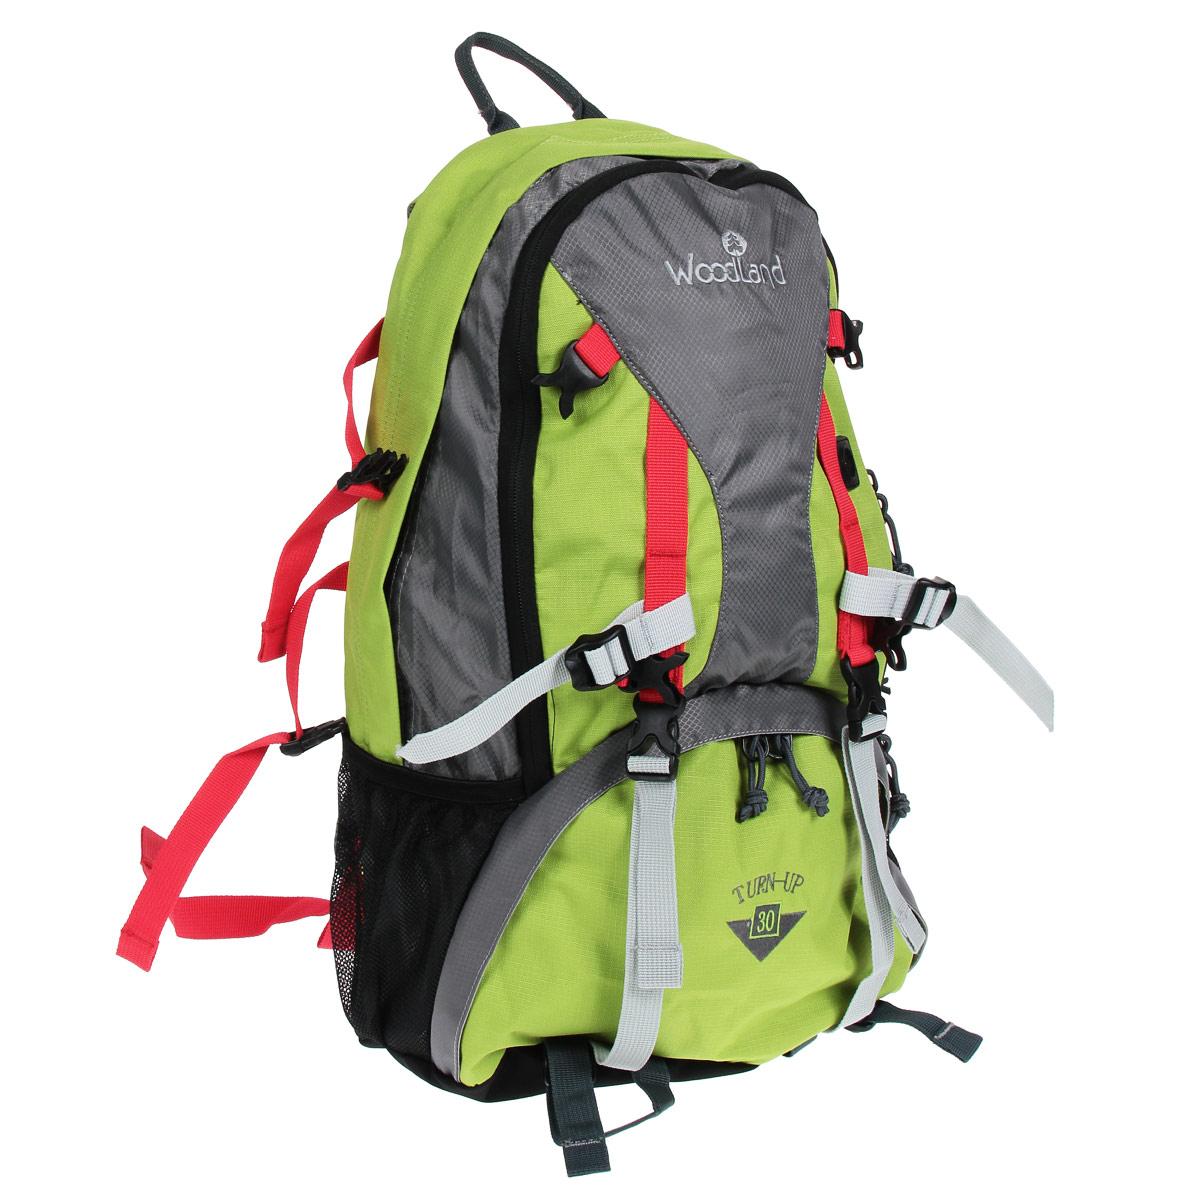 Рюкзак WoodLand Turn-Up 30, цвет: зеленый, серый30773Рюкзак WoodLand Turn-Up 30 будет вашим верным спутником в ежедневных поездках. Функциональный дизайн приятно удивит вас. Бесчисленные карманы, в том числе, встроенный органайзер, помогут удобно разместить необходимые вещи. Компрессионные стяжки позволяют регулировать объем и балансировать вес уложенного рюкзака. Особенности рюкзака: Два входа в основное отделение. Диафрагма типа кулиска, перекрывается затягиванием шнура и фиксируется стоппером. Фронтальный карман с органайзером и дополнительным отделением. Кармашки для мелочей в крыльях поясного ремня. S-образные лямки. Грудная стяжка с резиновым компенсатором. Пластиковая фурнитура YKK.